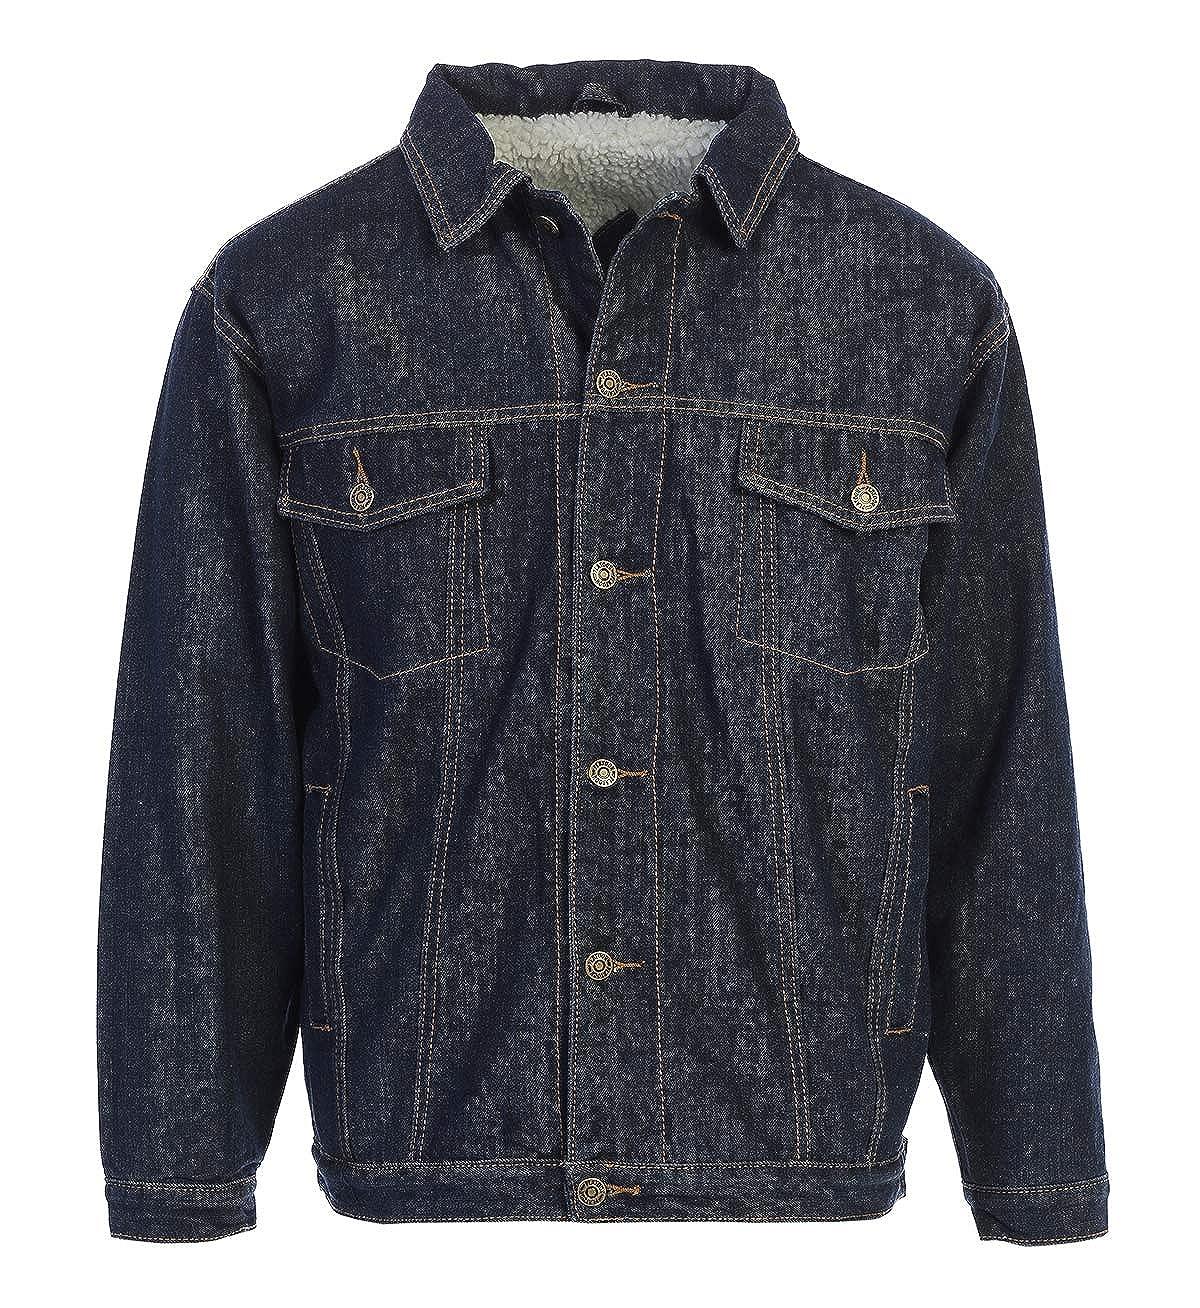 Platoon Men's Classic Sherpa Lined Trucker Denim Jean Jacket Coat